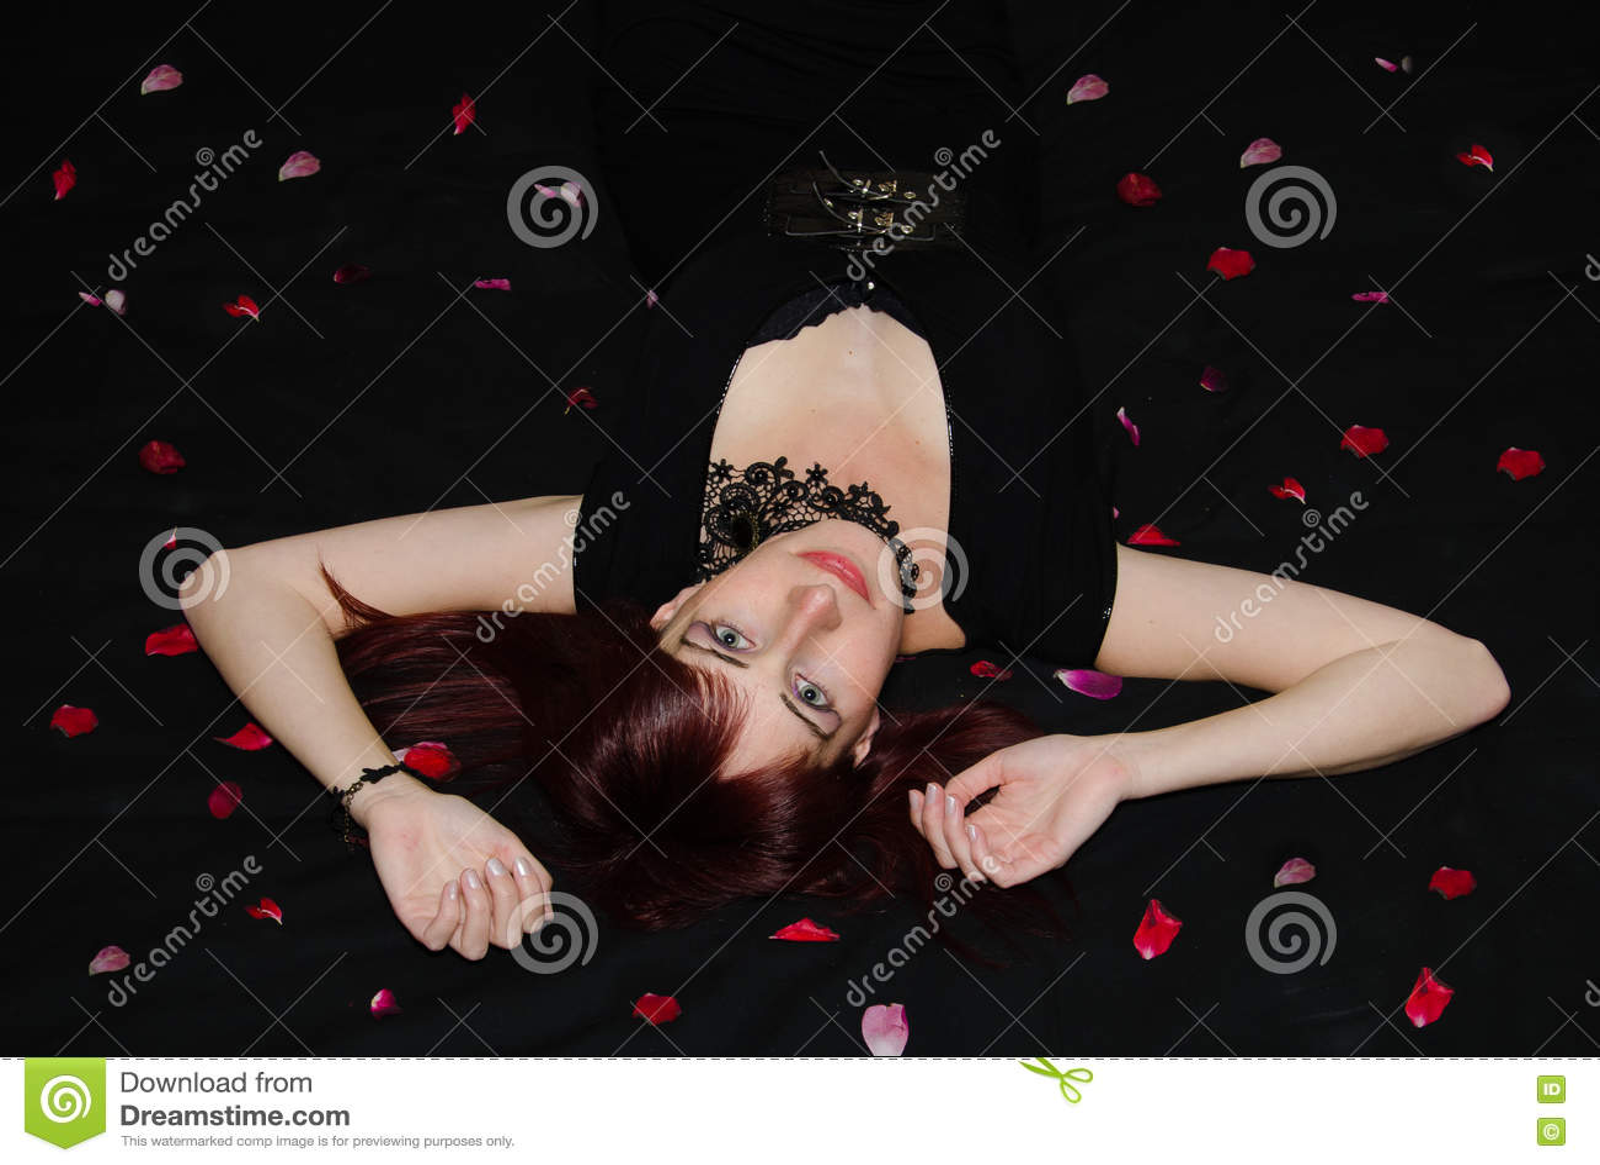 Portretvrouw op roze bloemblaadjes